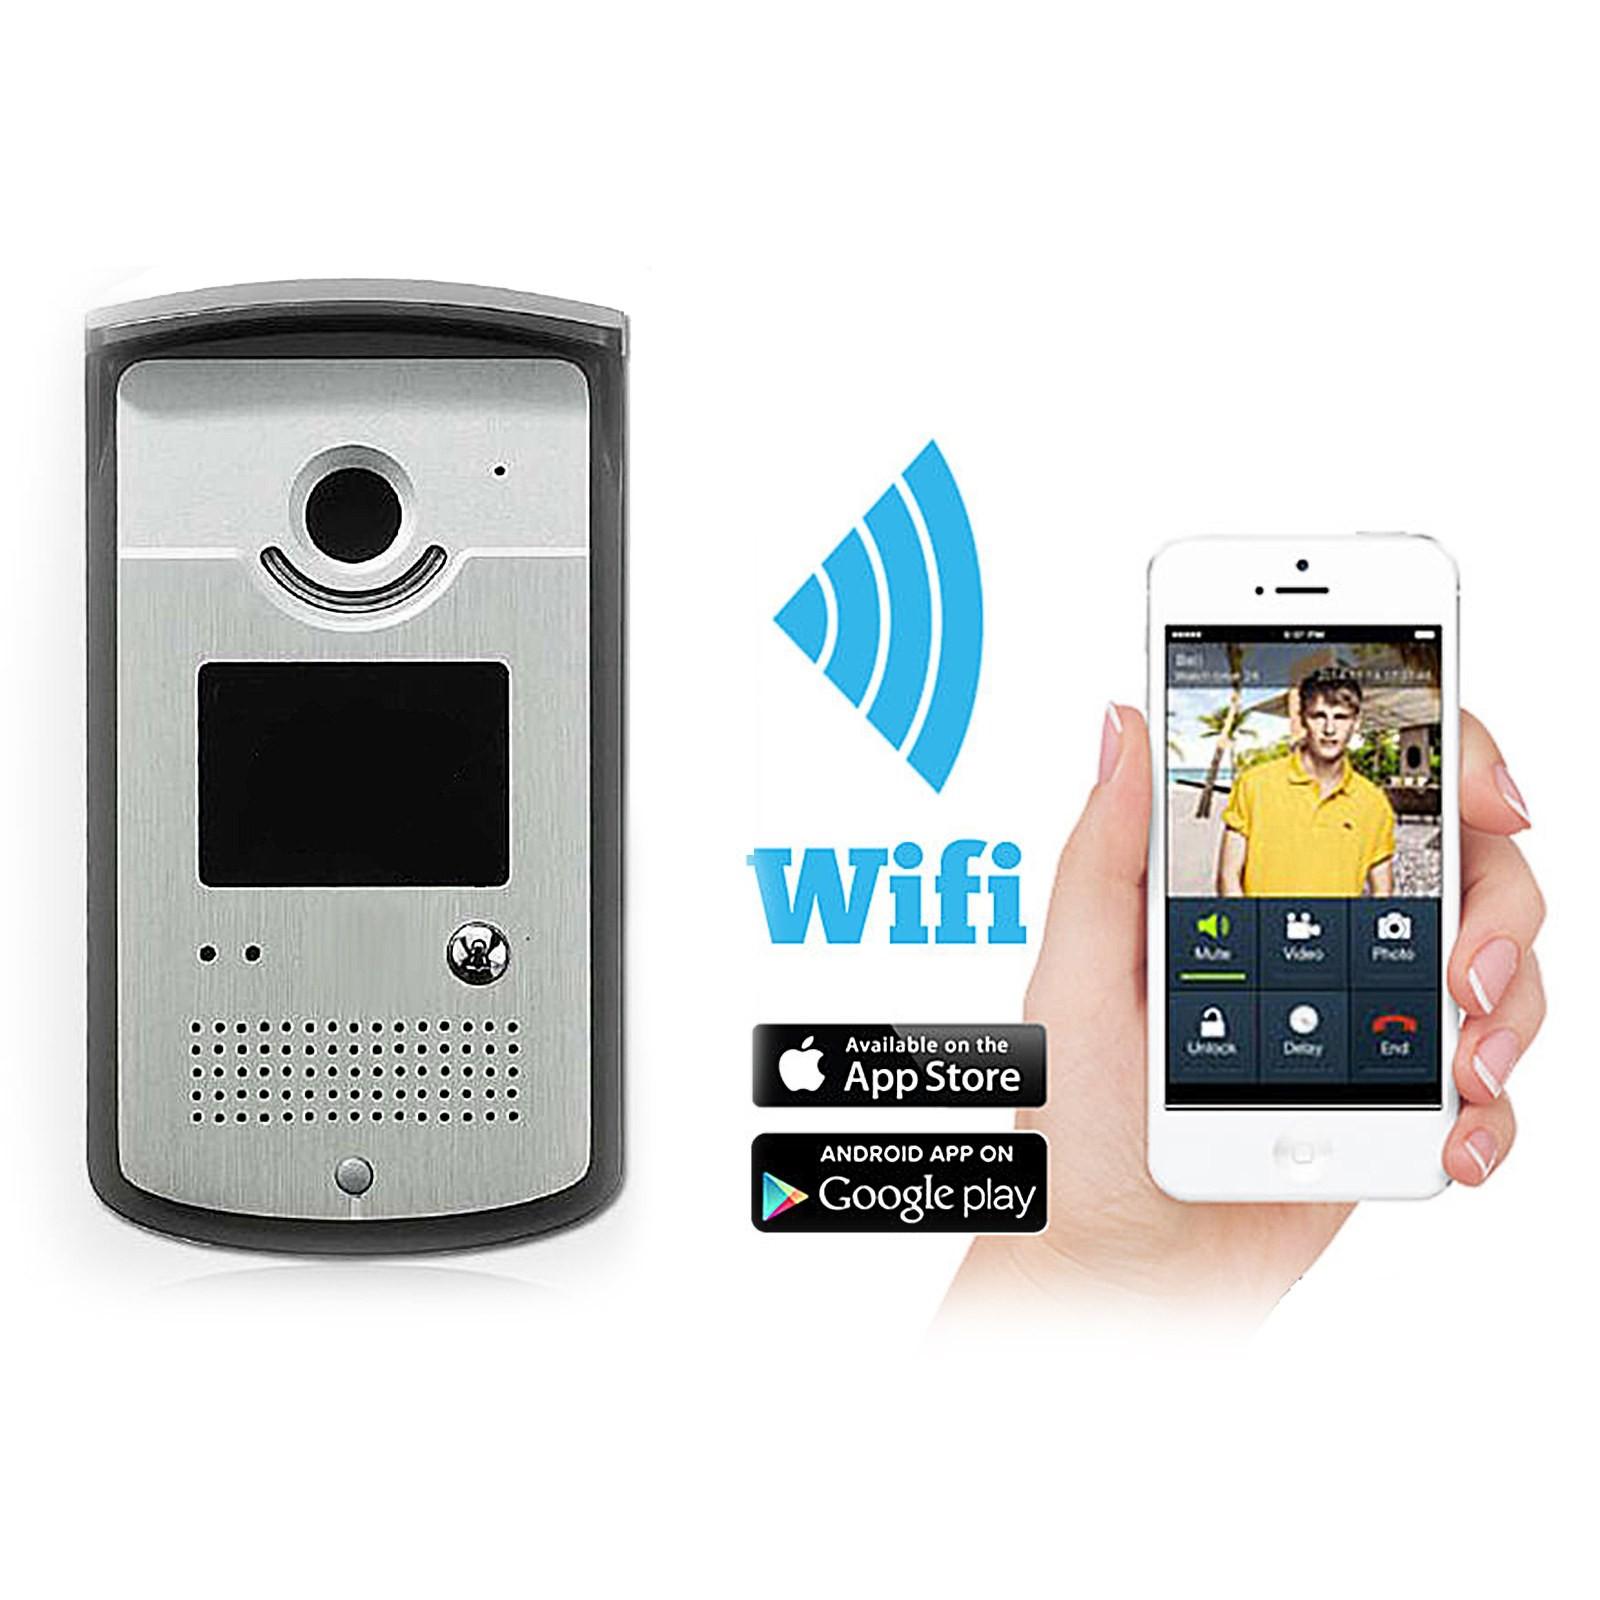 Citofono Senza Fili : Citofono videocitofono senza fili wireless wifi chiamata